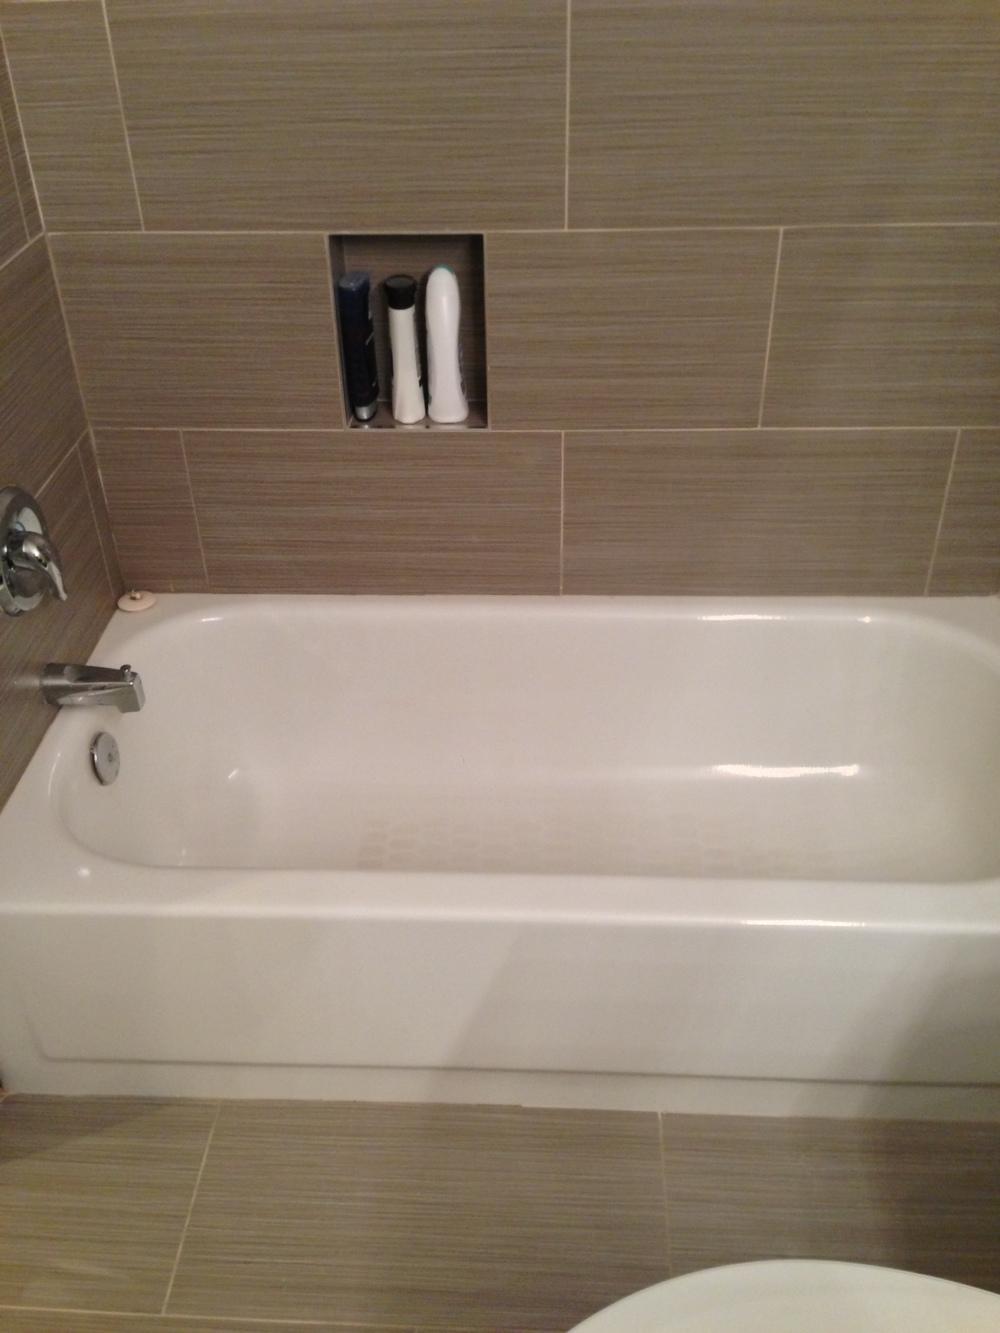 1 - Shower Tile.JPG